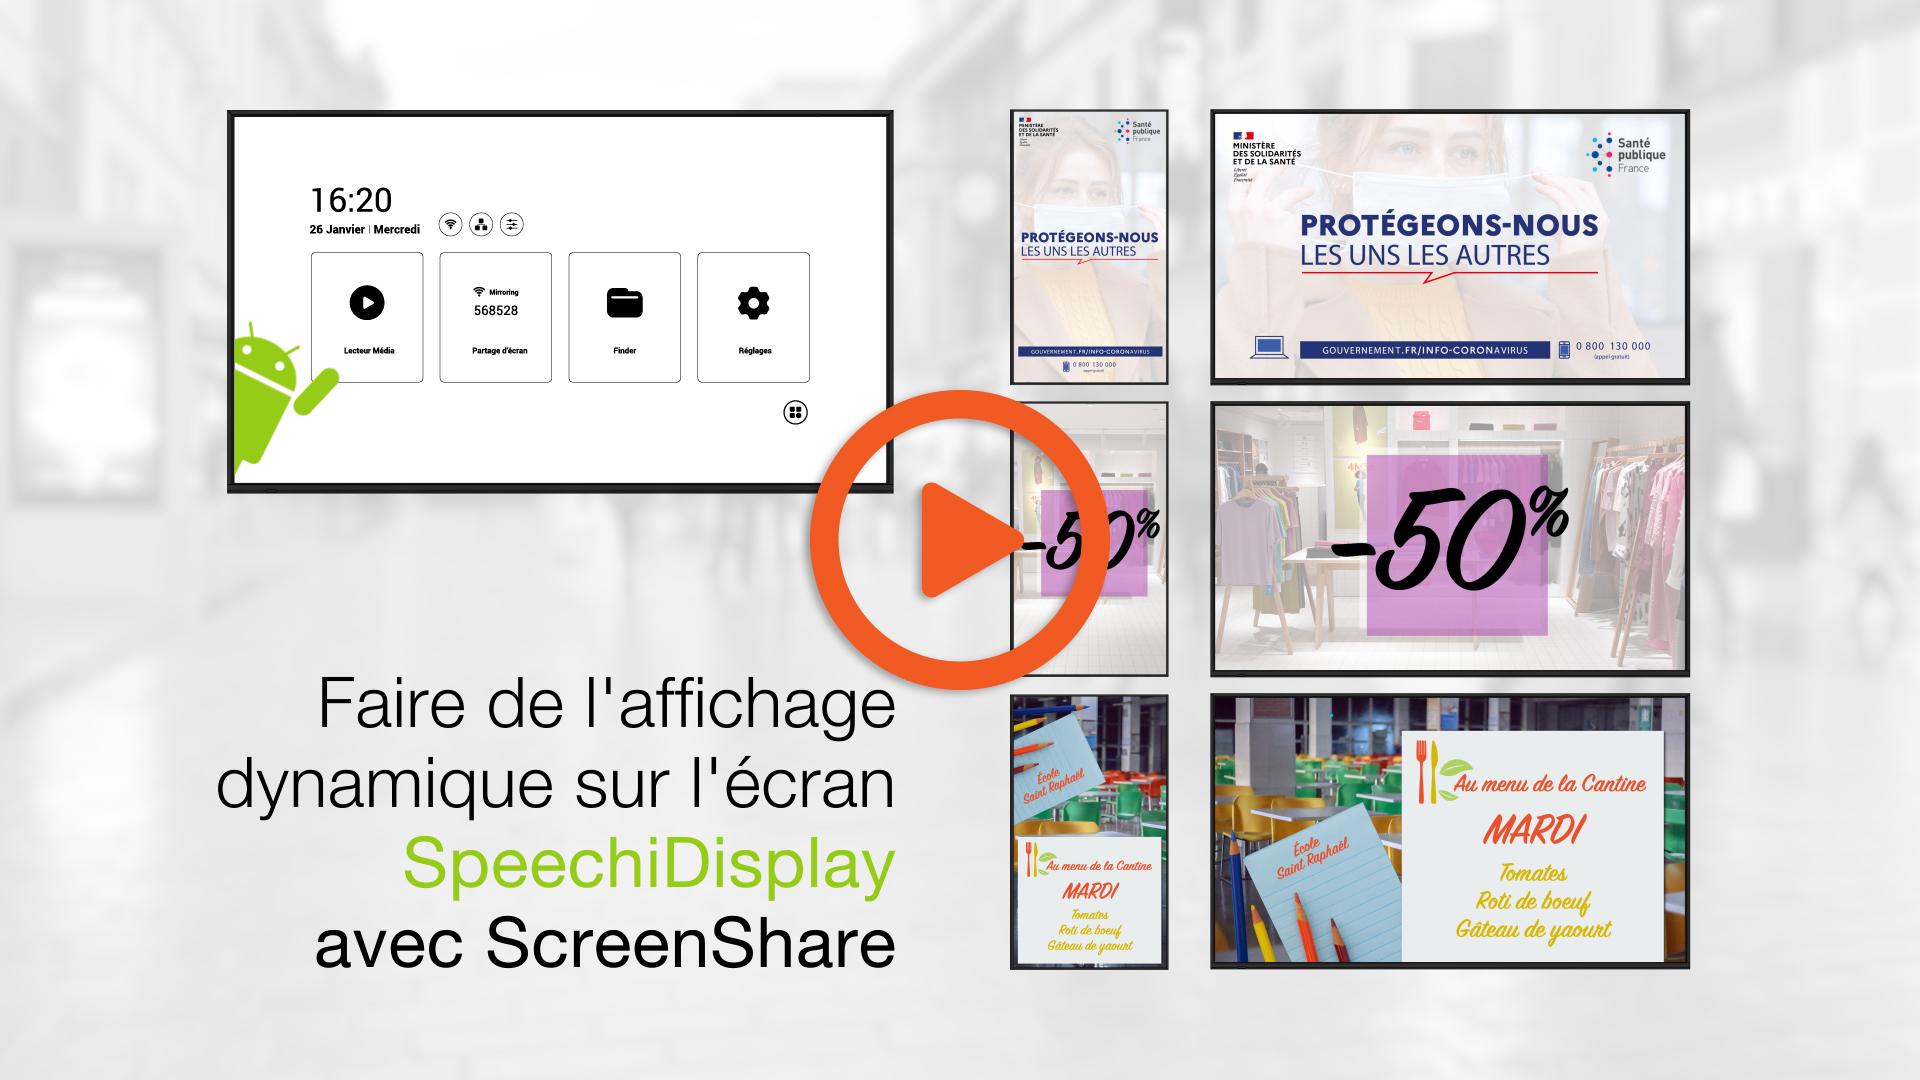 faire de l'affichage dynamique sur un écran d'affichage SpeechiDisplay avec ScreenShare depuis un PC